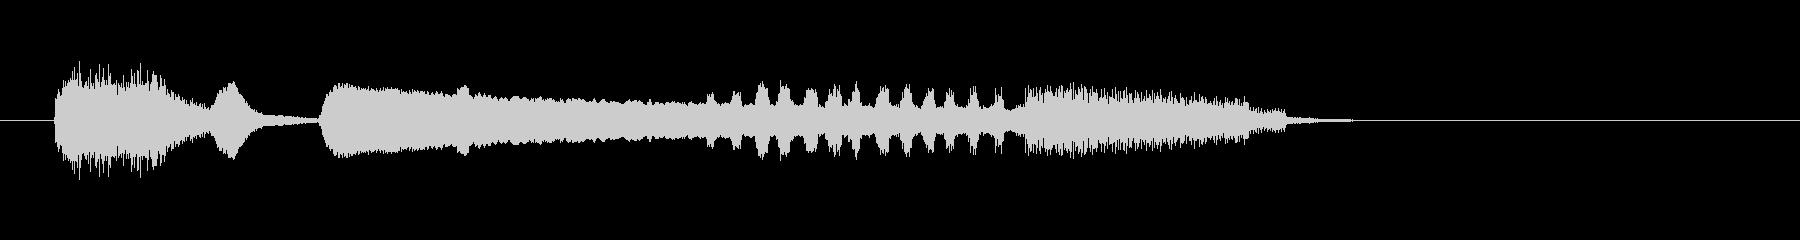 テーマ12A:フルミックス、メナシ...の未再生の波形